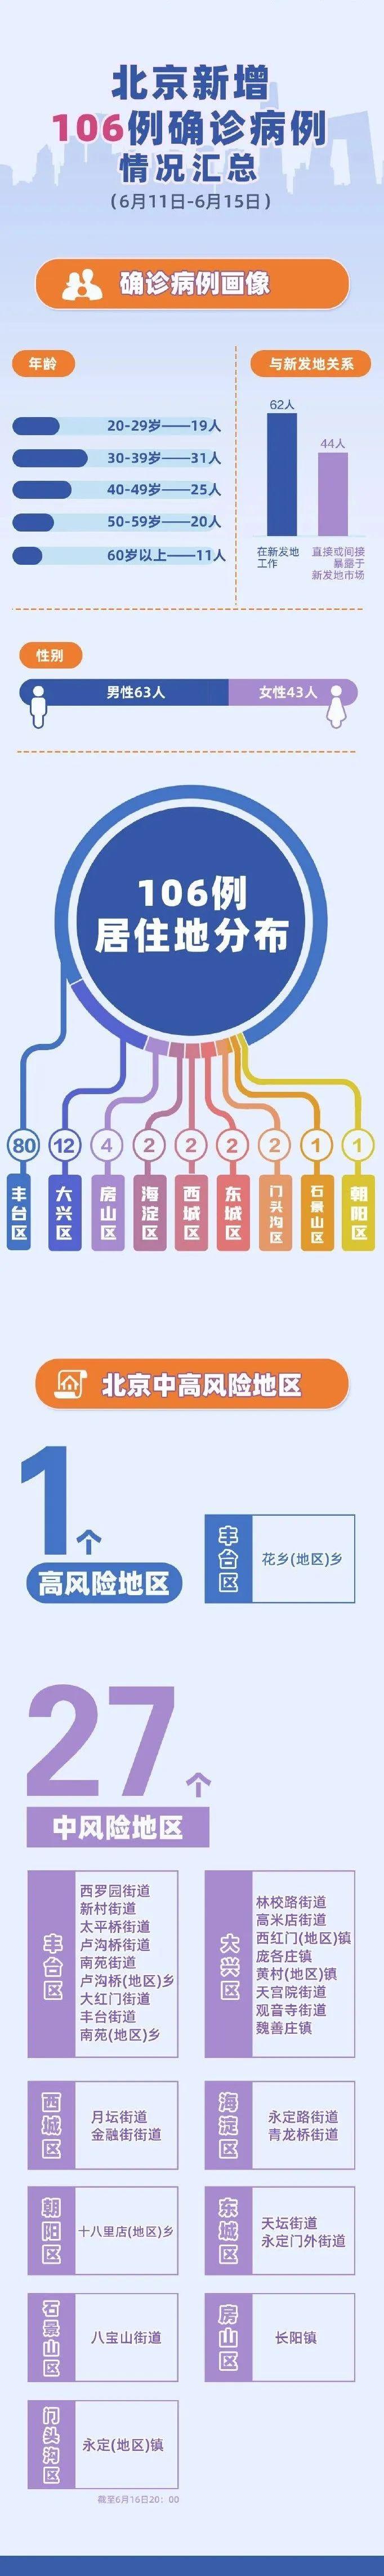 北京响应级别调至二级 中高风险地区人员严禁离京